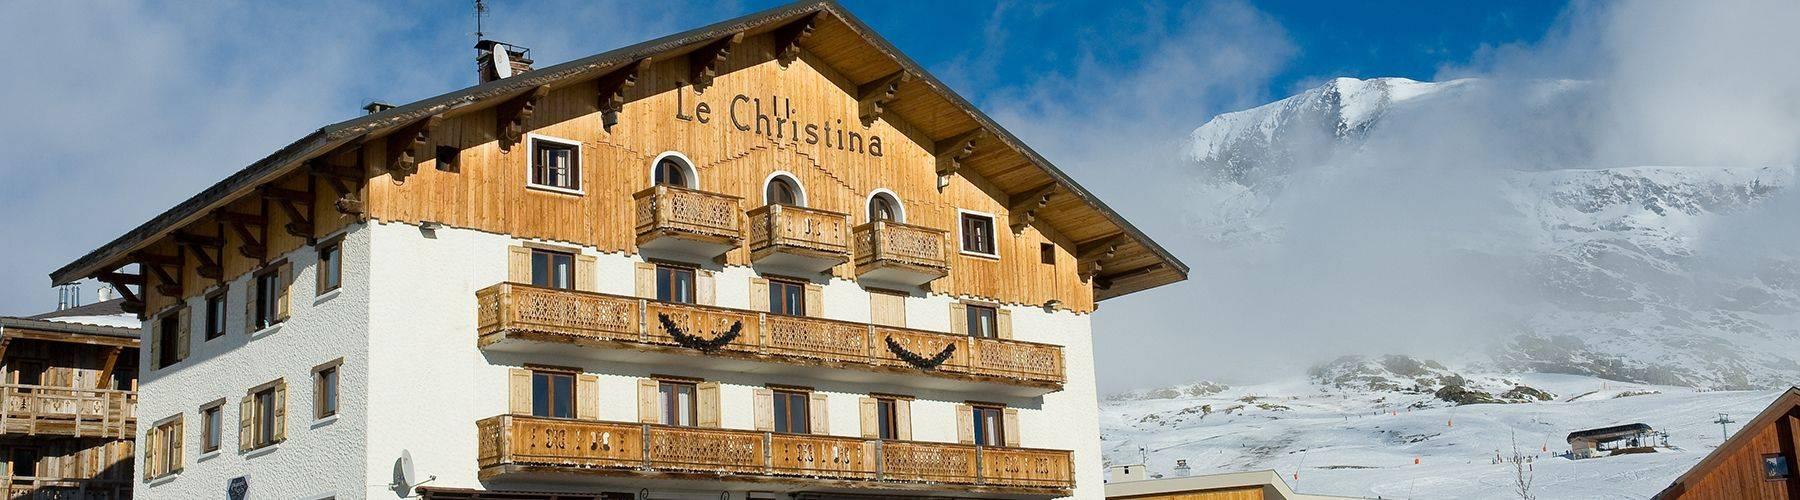 Alpe d'Huez hotel Christina